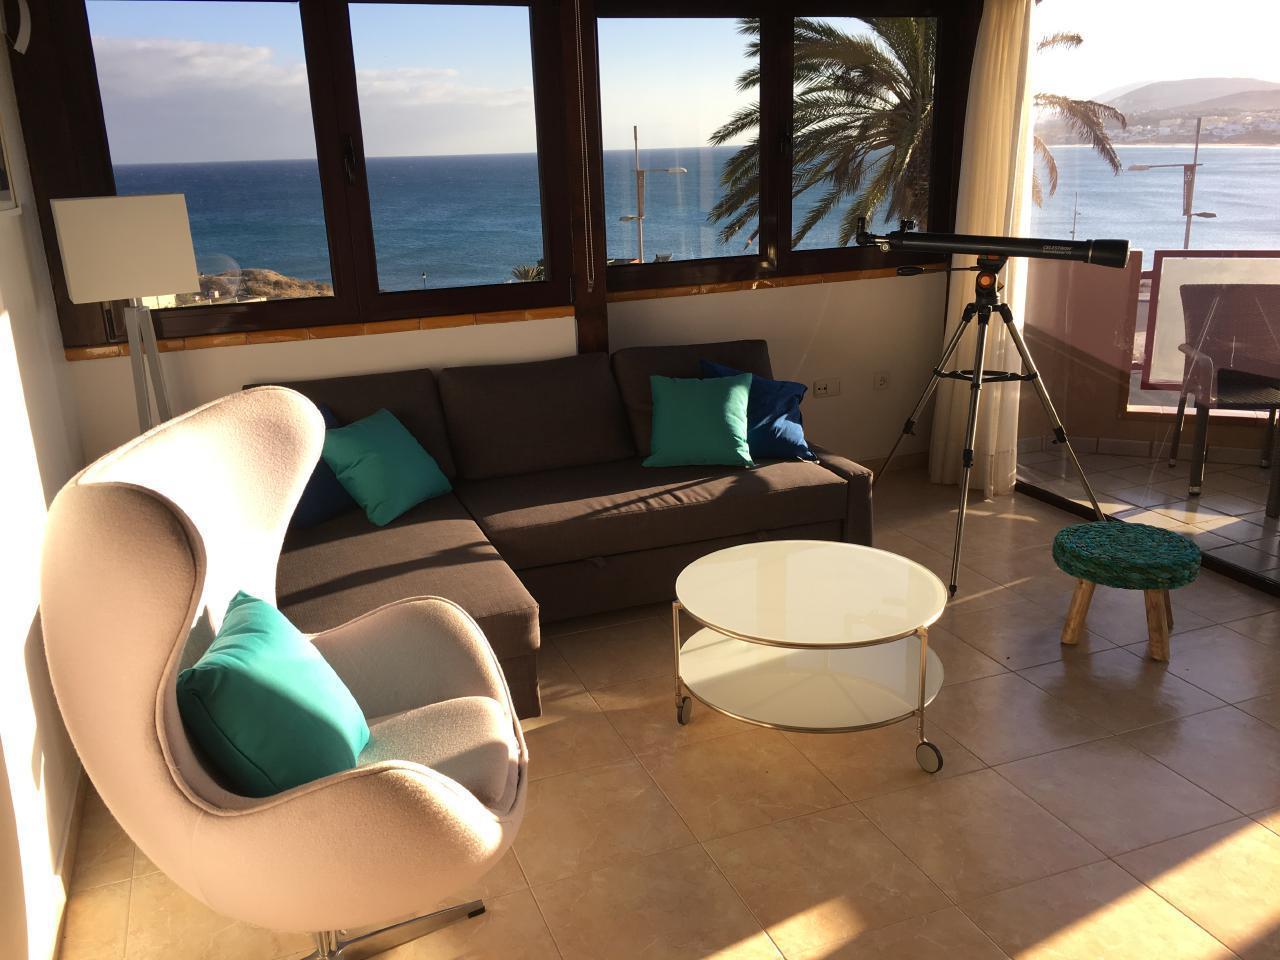 Ferienwohnung PANORAMA - Ausblick auf den Ocean! FREE WiFi (1850823), Costa Calma, Fuerteventura, Kanarische Inseln, Spanien, Bild 18